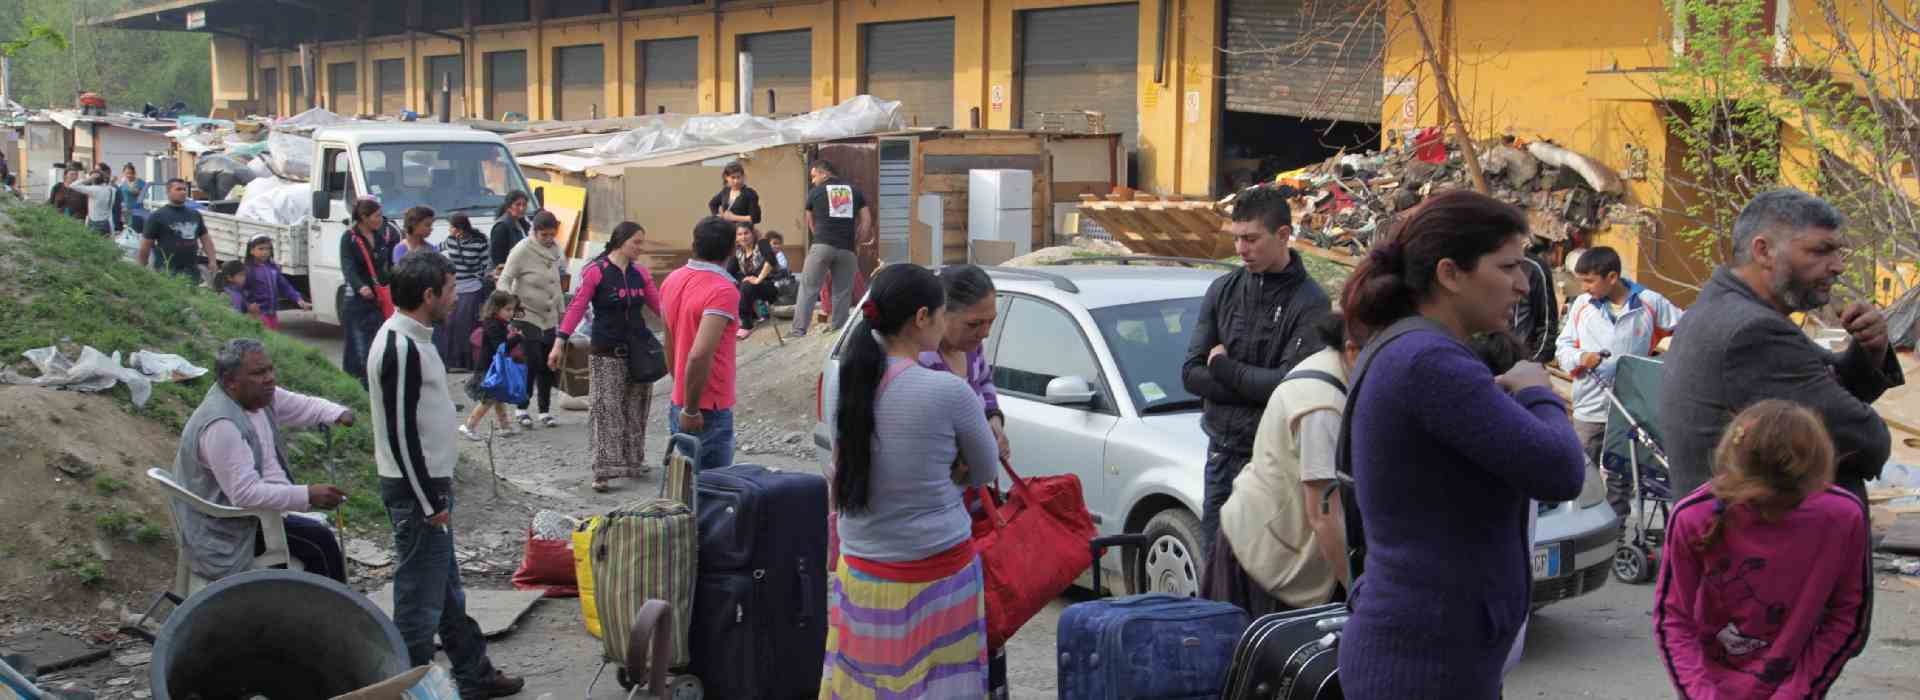 """Rom a caccia di alloggi. Il terrore dei cittadini di Lorenteggio: """"Facciamo turni di vigilanza"""""""